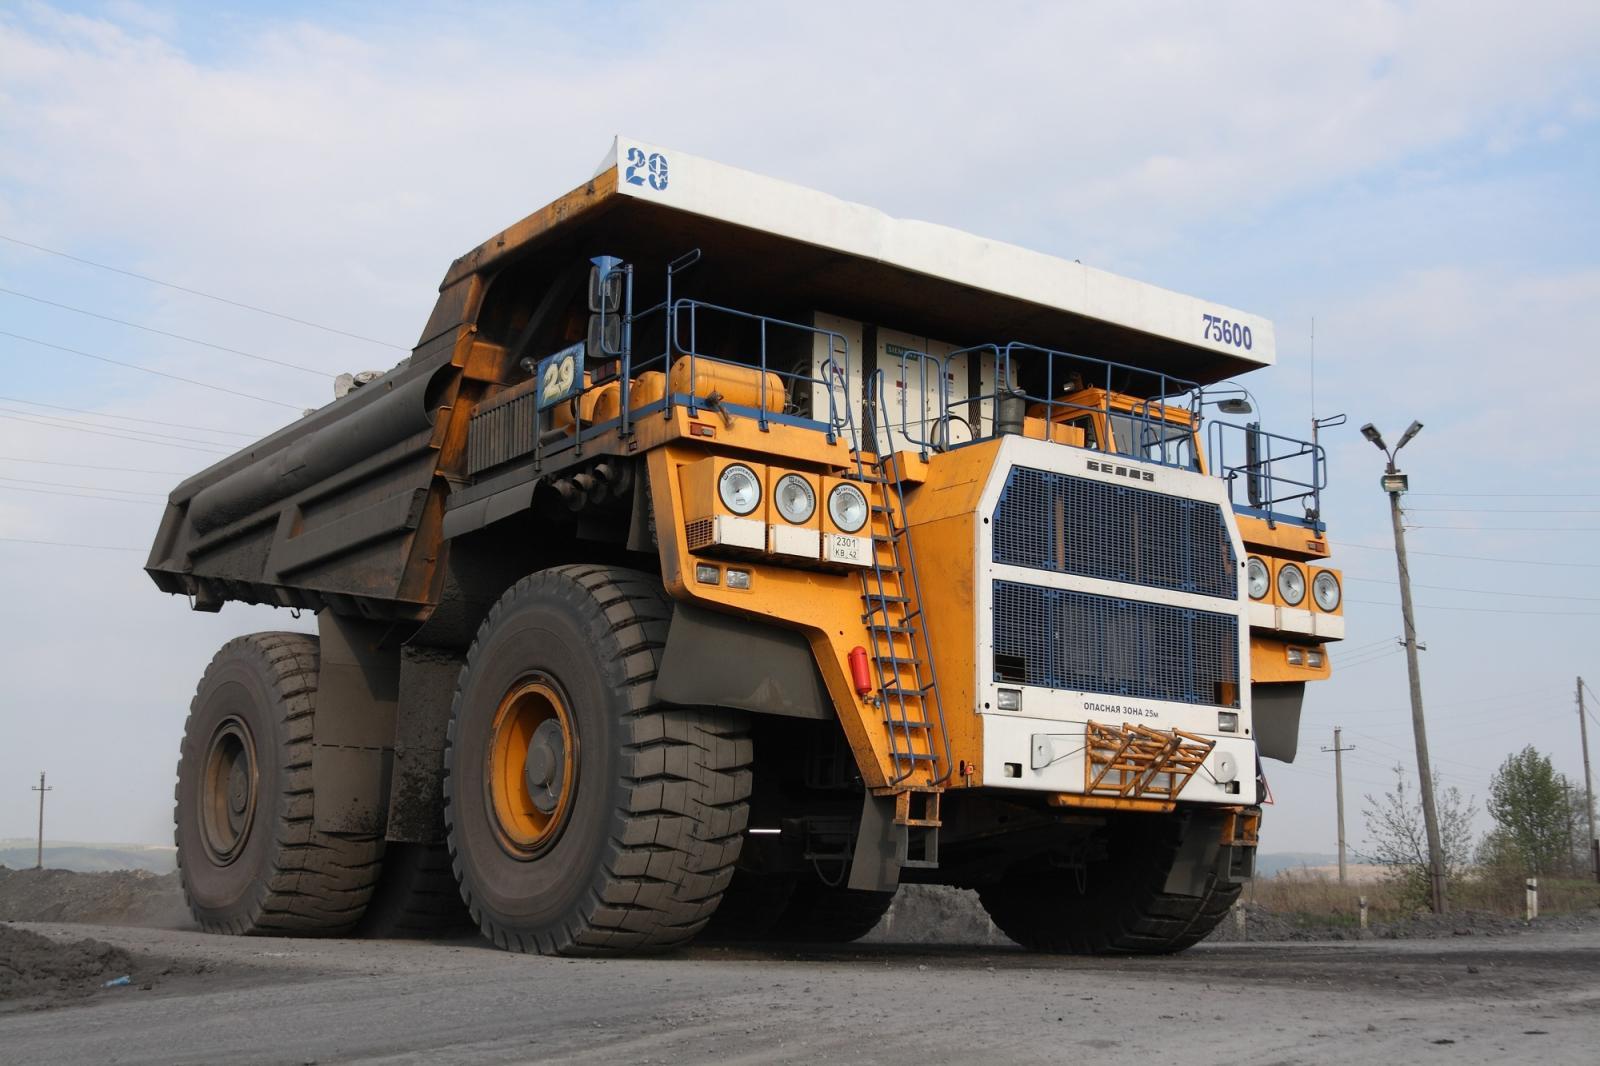 Camiones mas grandes del mundo BelAZ 75600